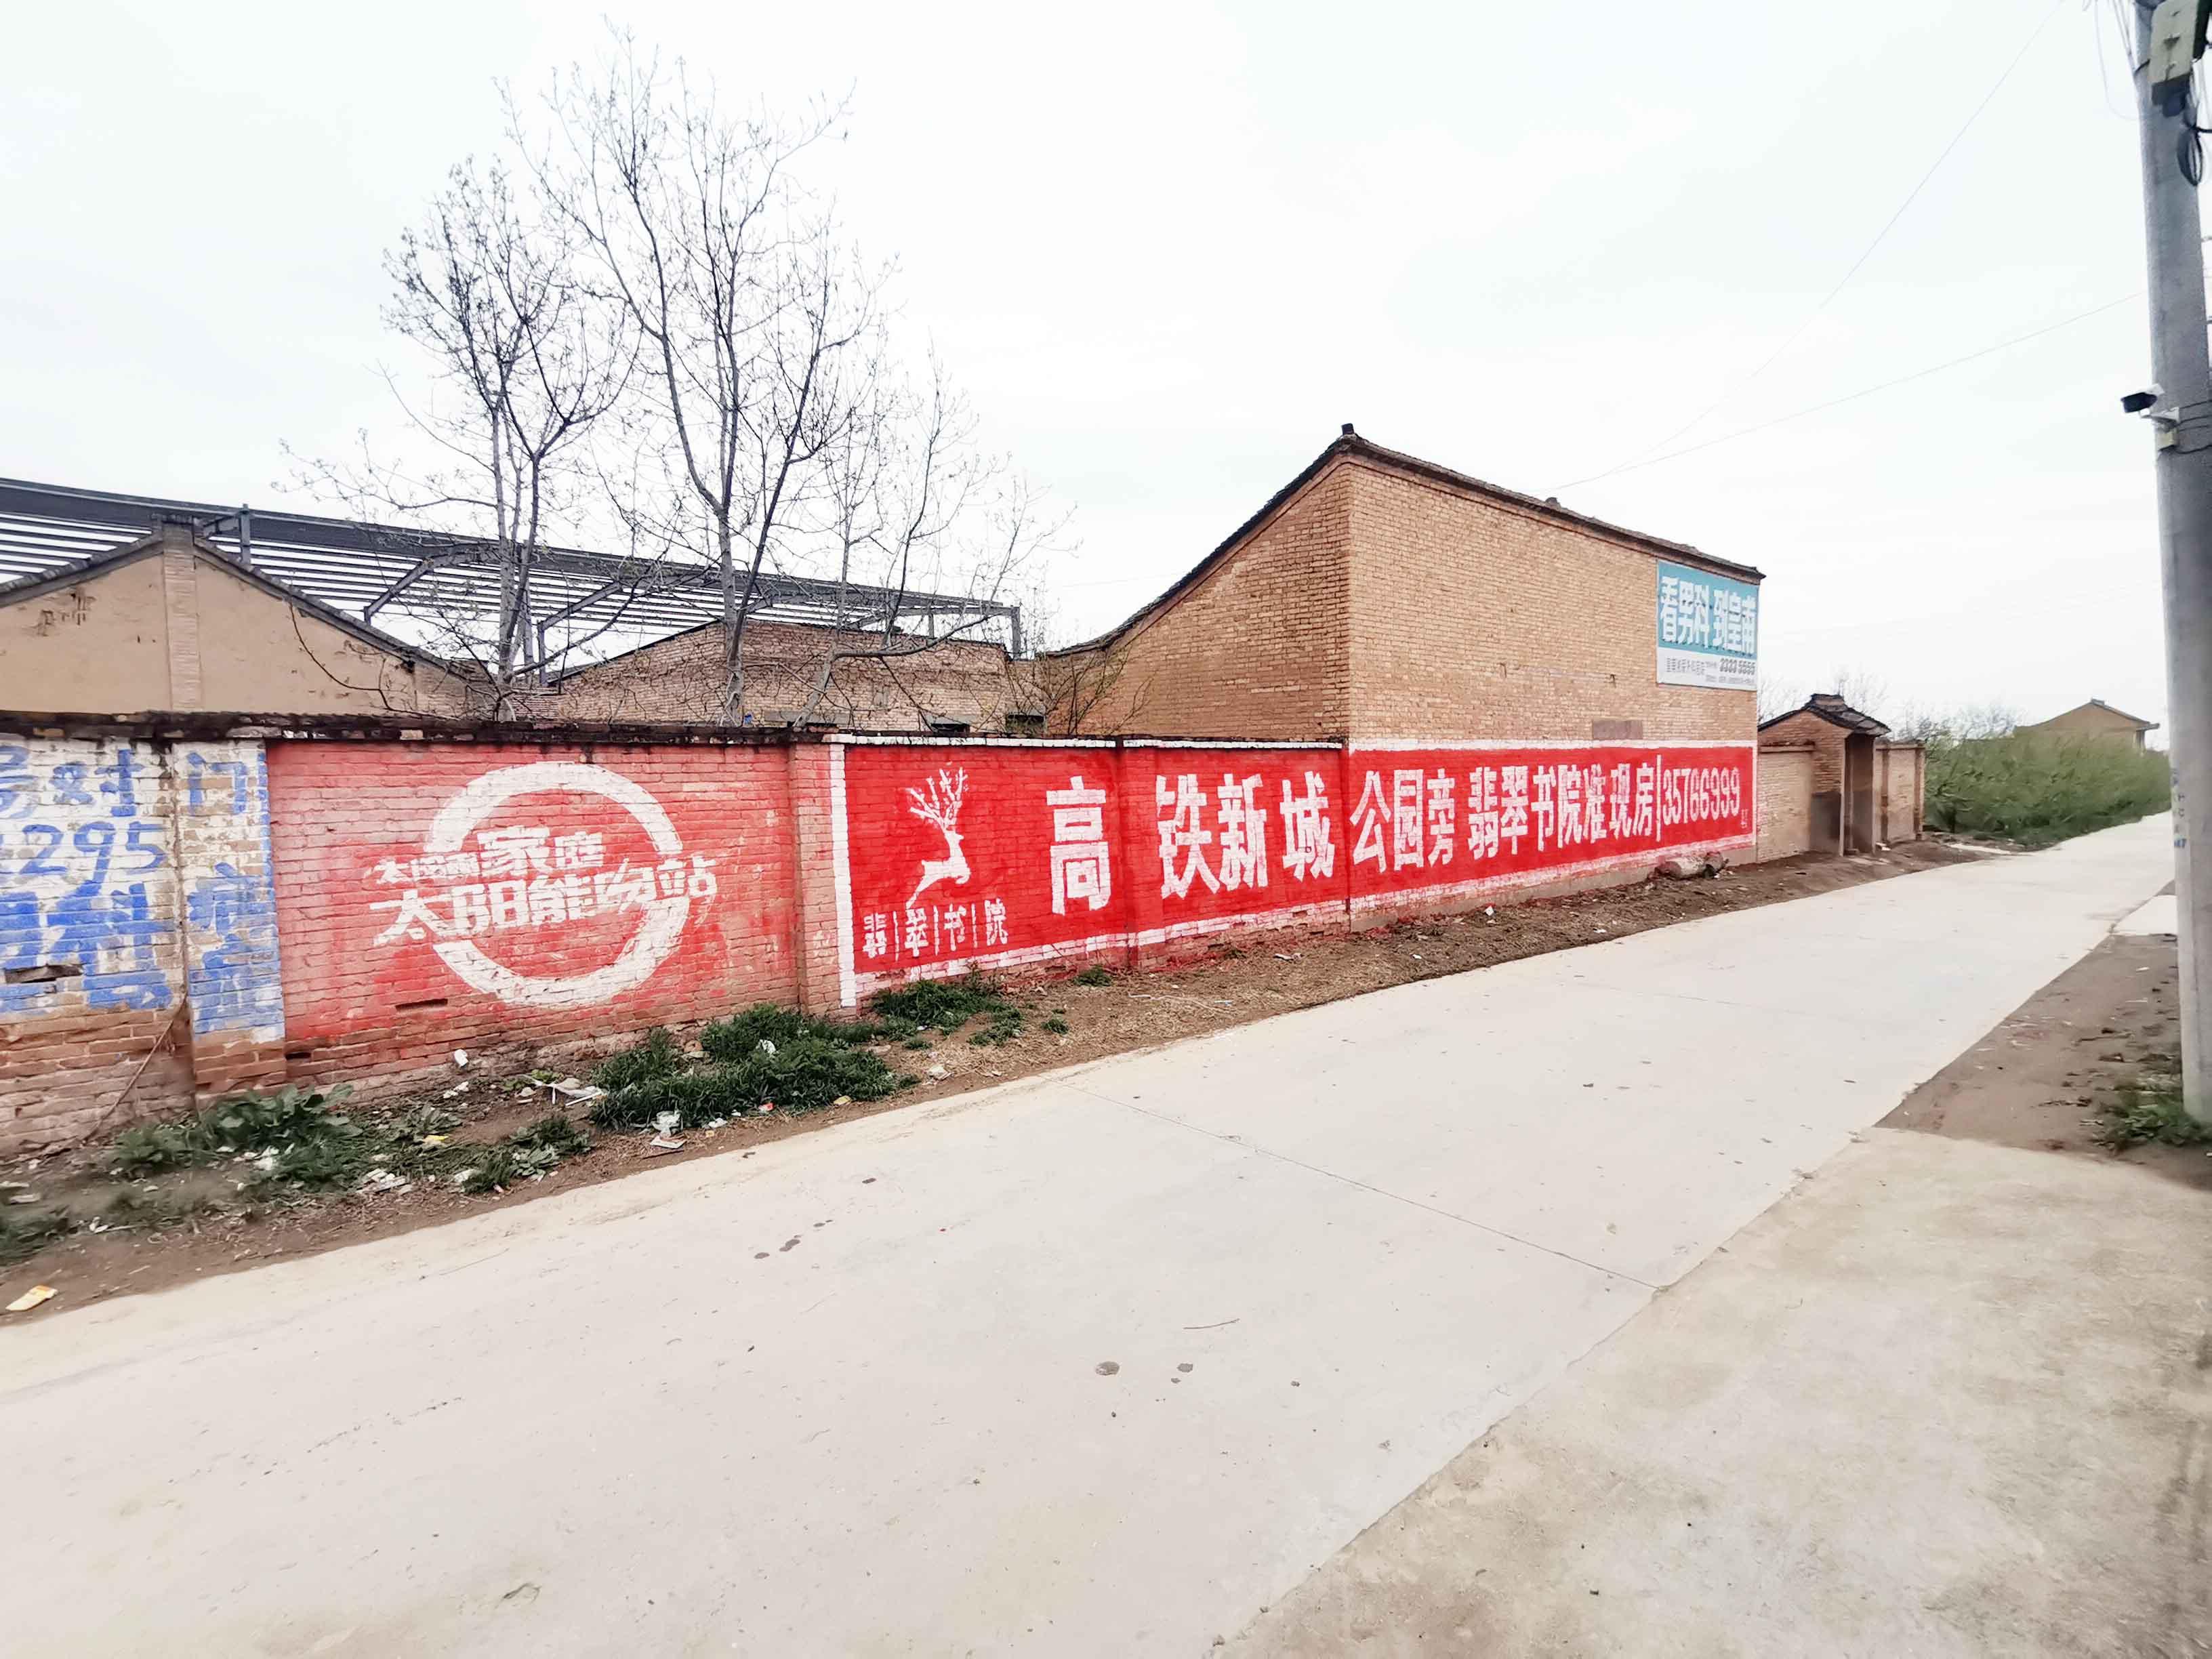 澄城肥料墙体广告 补习学校墙体广告 亿达墙体广告